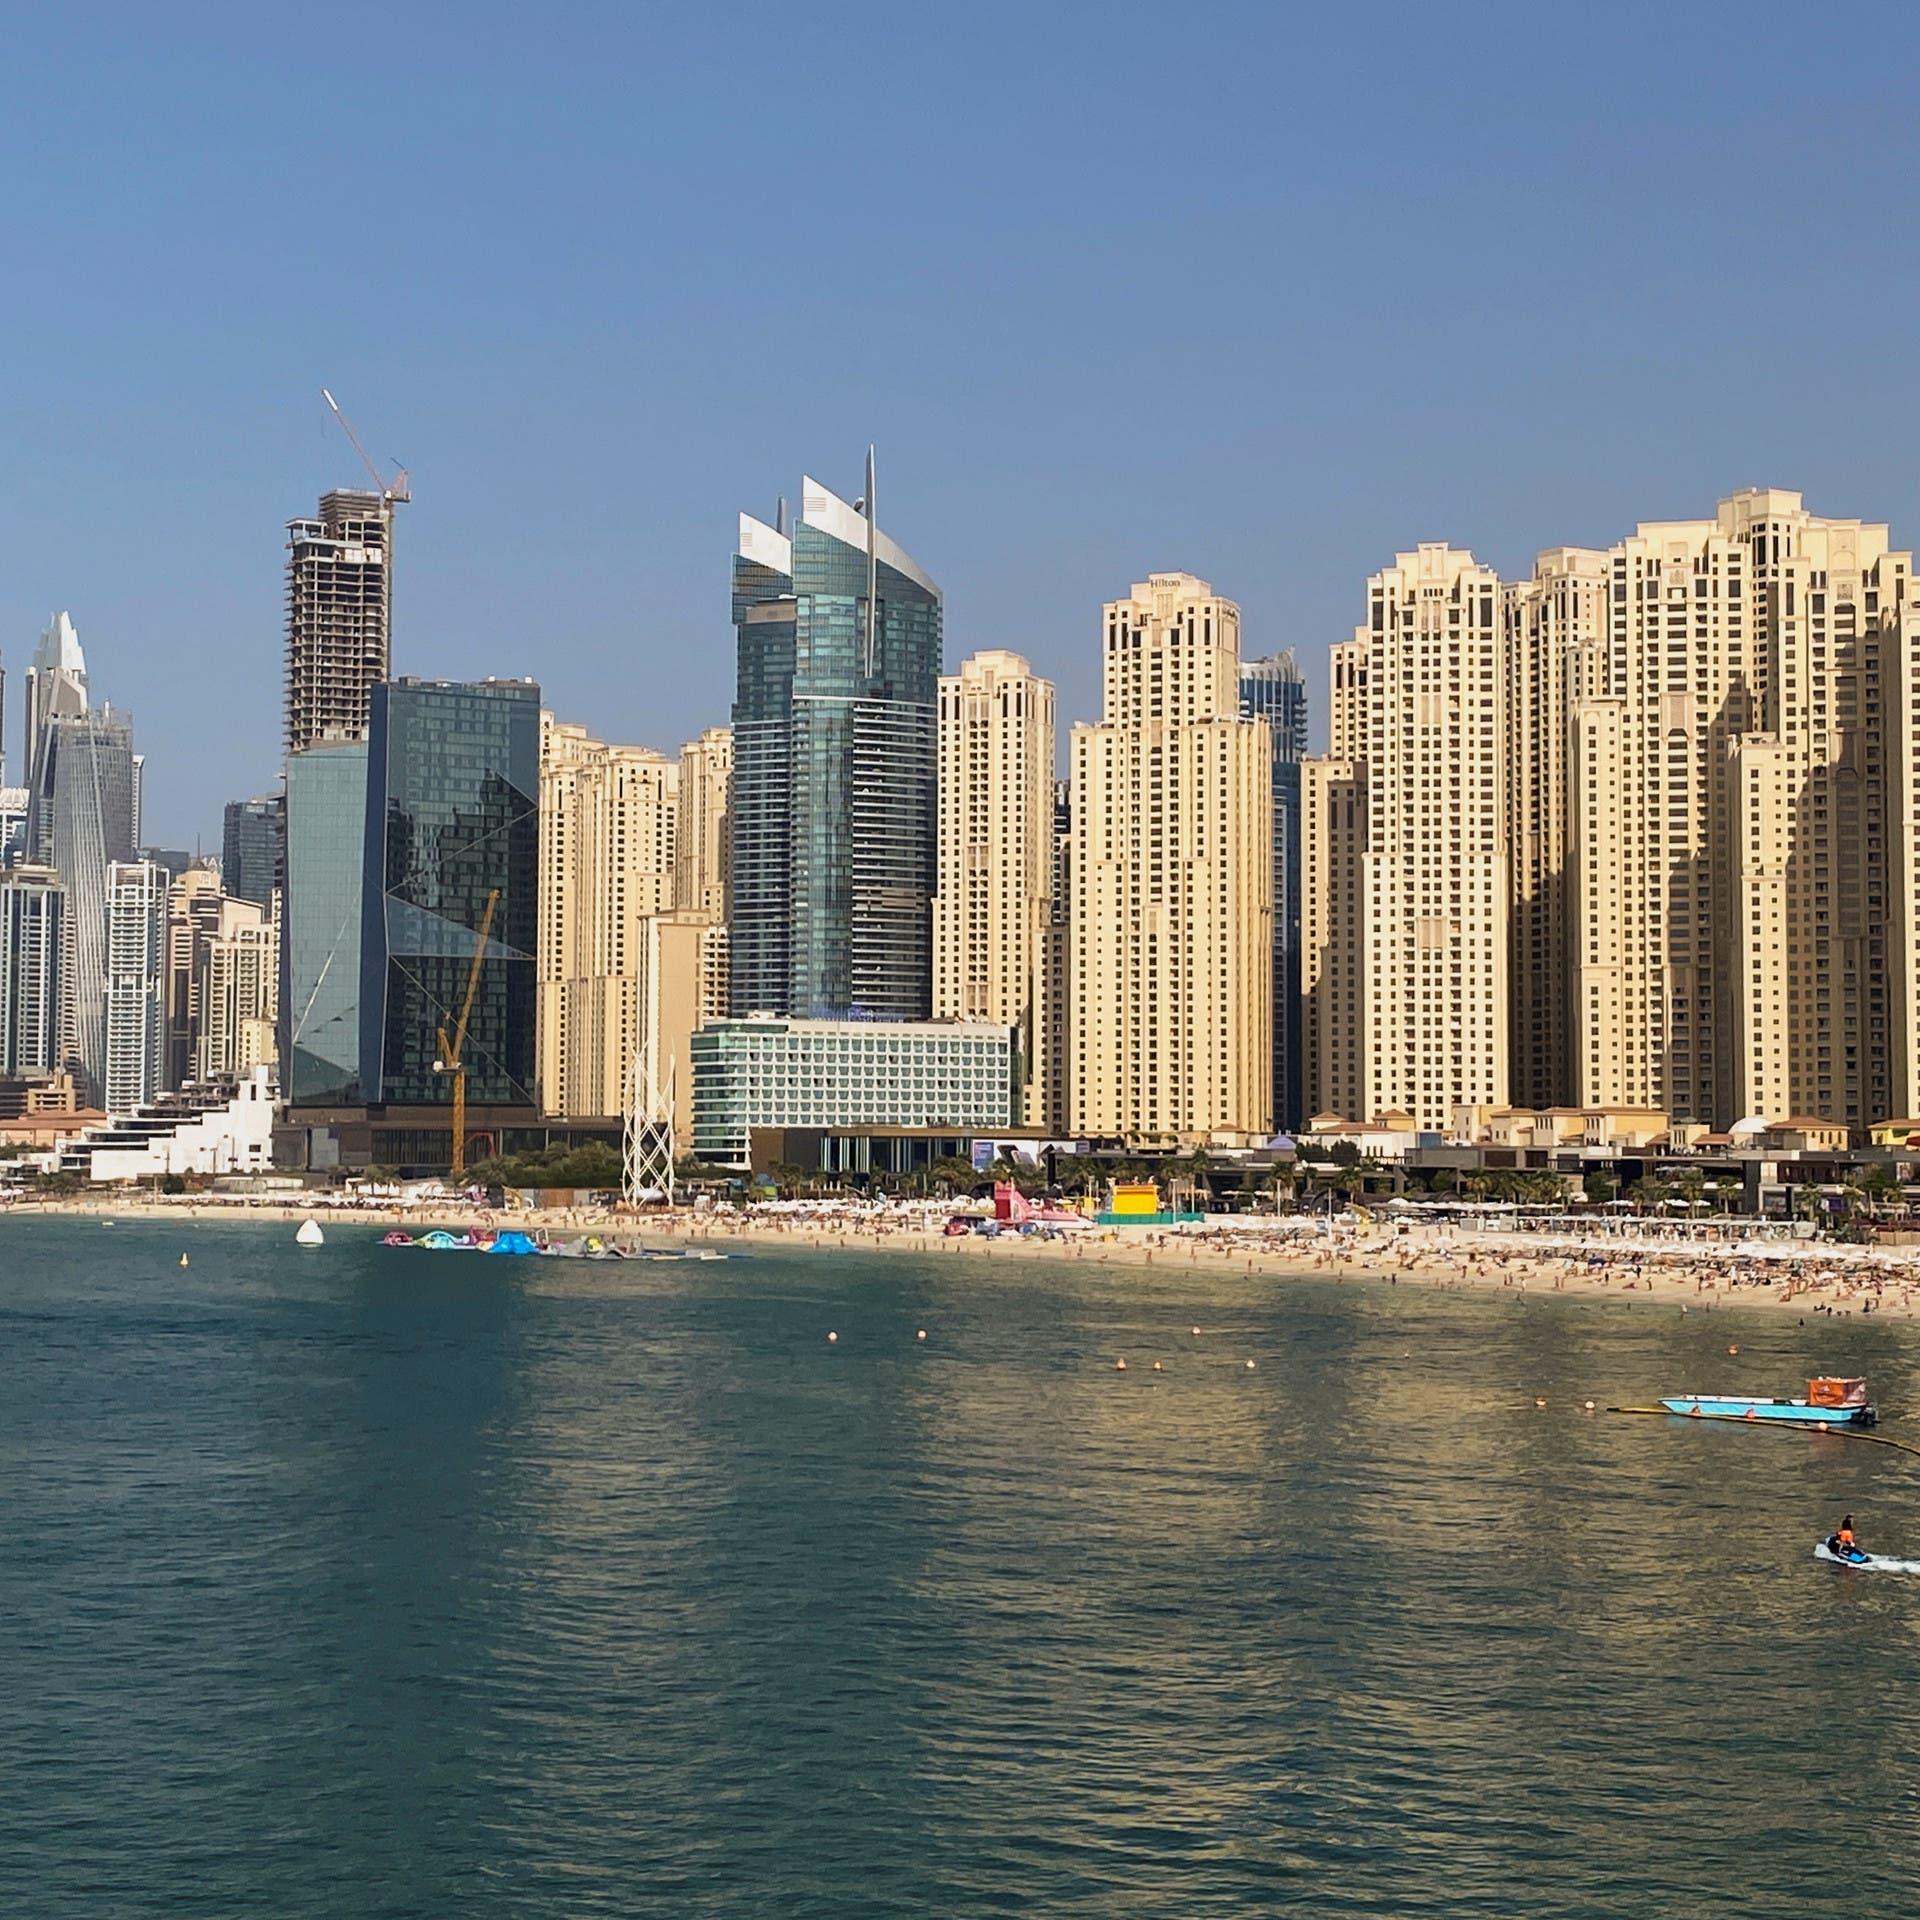 لأول مرة منذ 6 سنوات.. أسعار المنازل في دبي تلتقط أنفاسها وتحلق